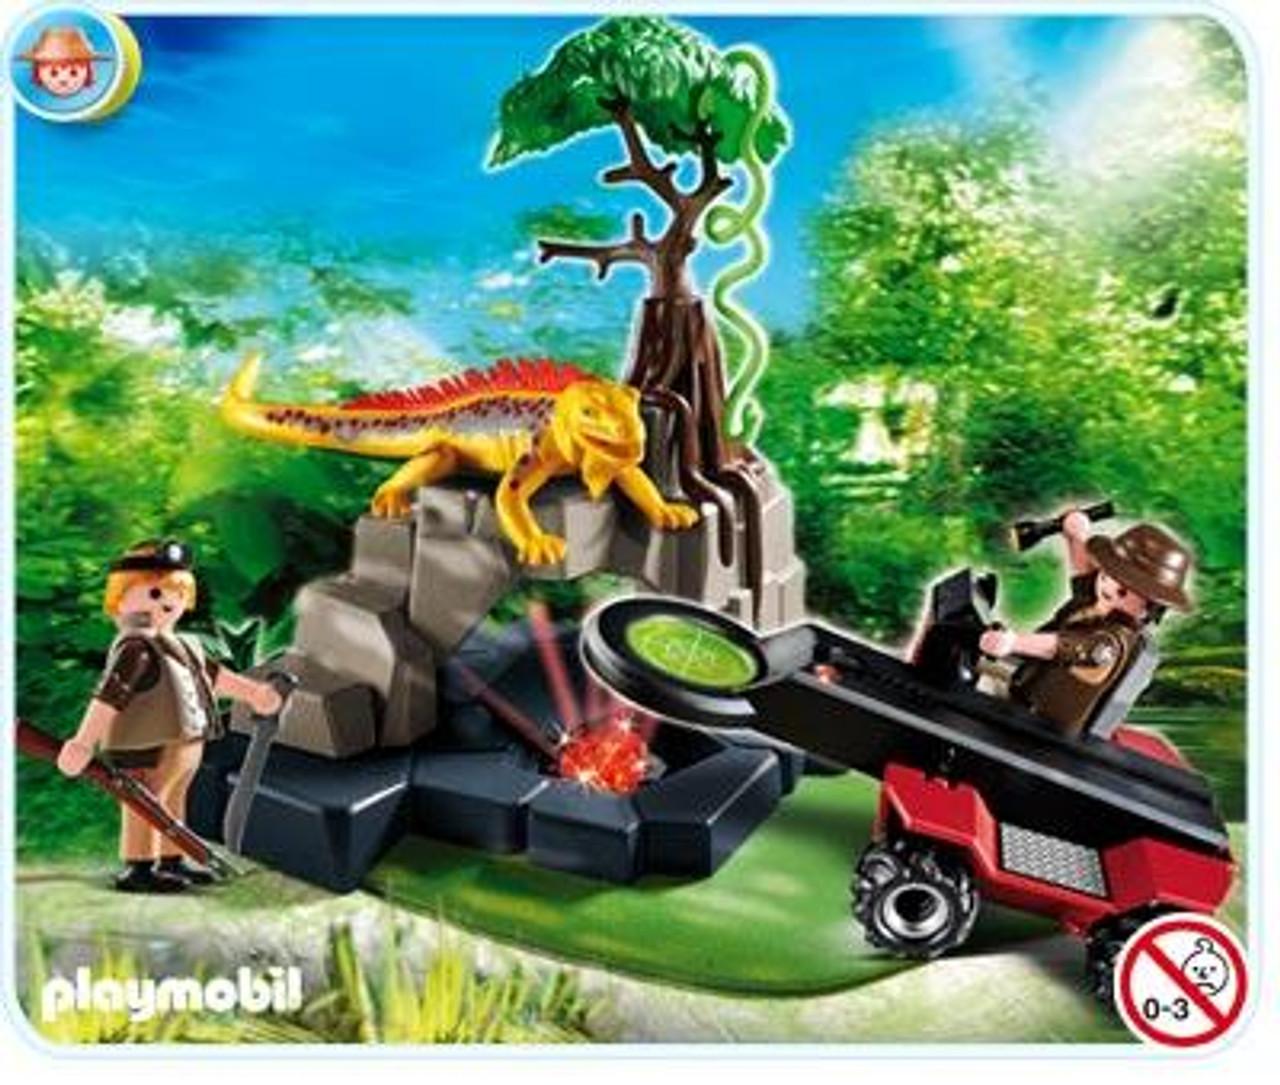 Playmobil Treasure Hunters Treasure Hunter with Metal Detector Set #4847